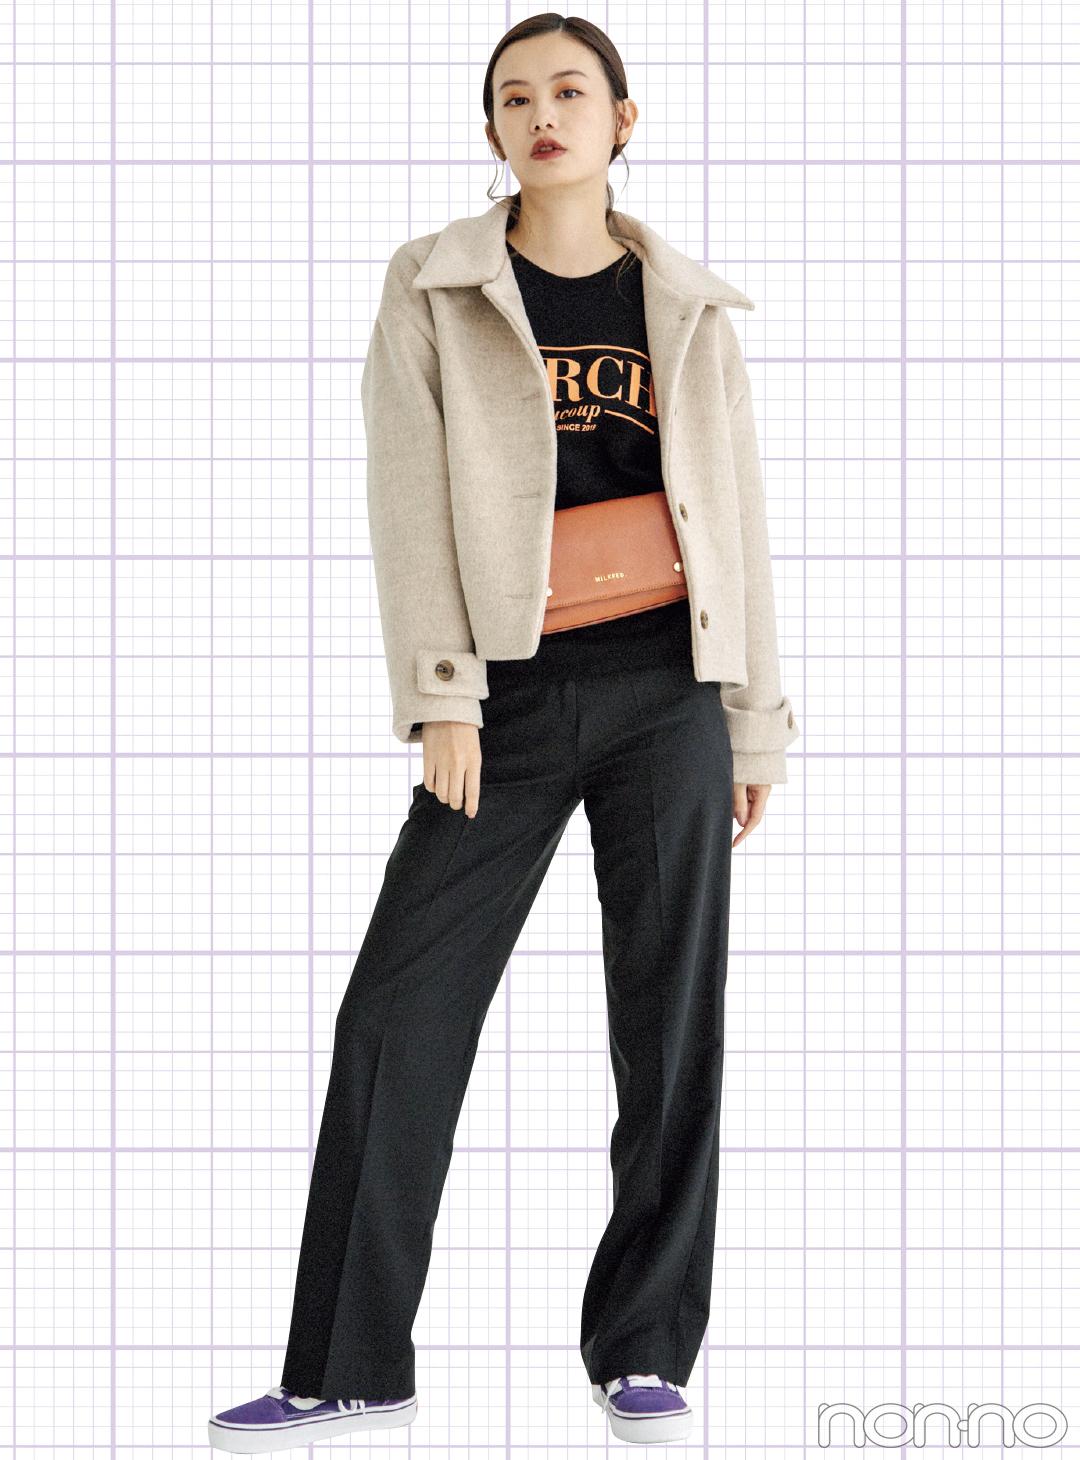 パンツ派韓国女子は8割スラックスって本当?【韓国トレンドこれ